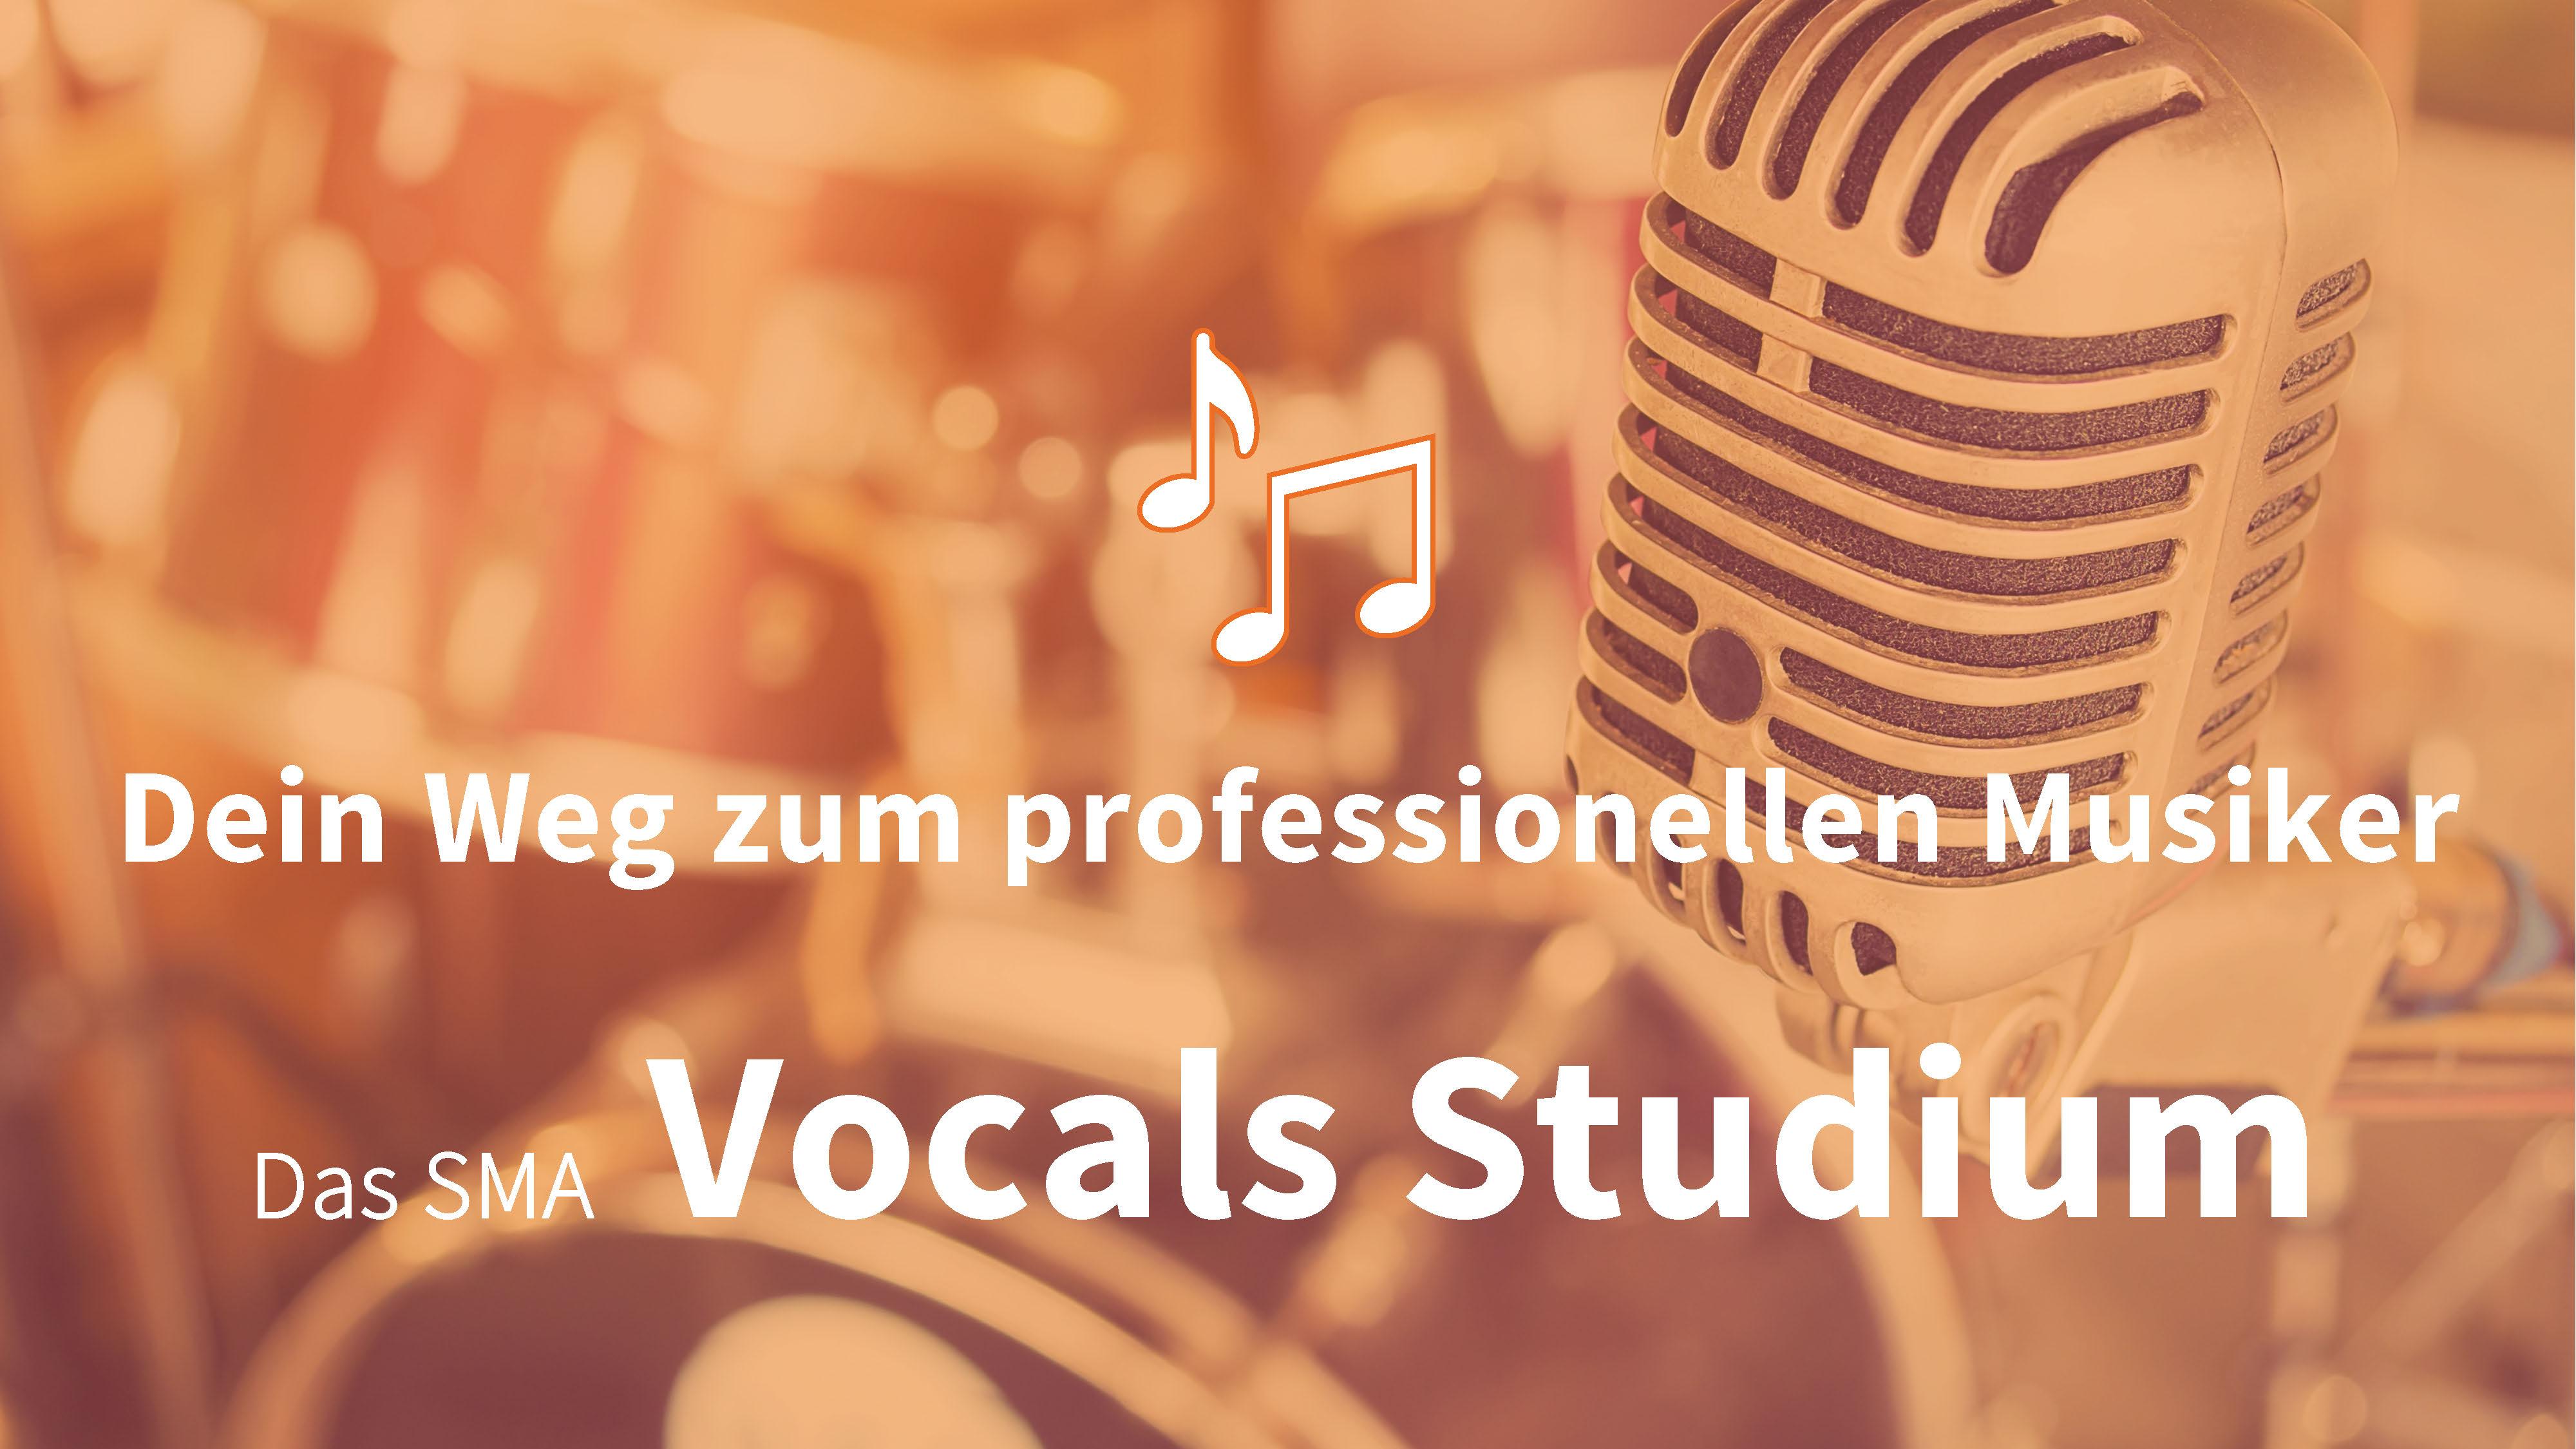 Vocals  Academy